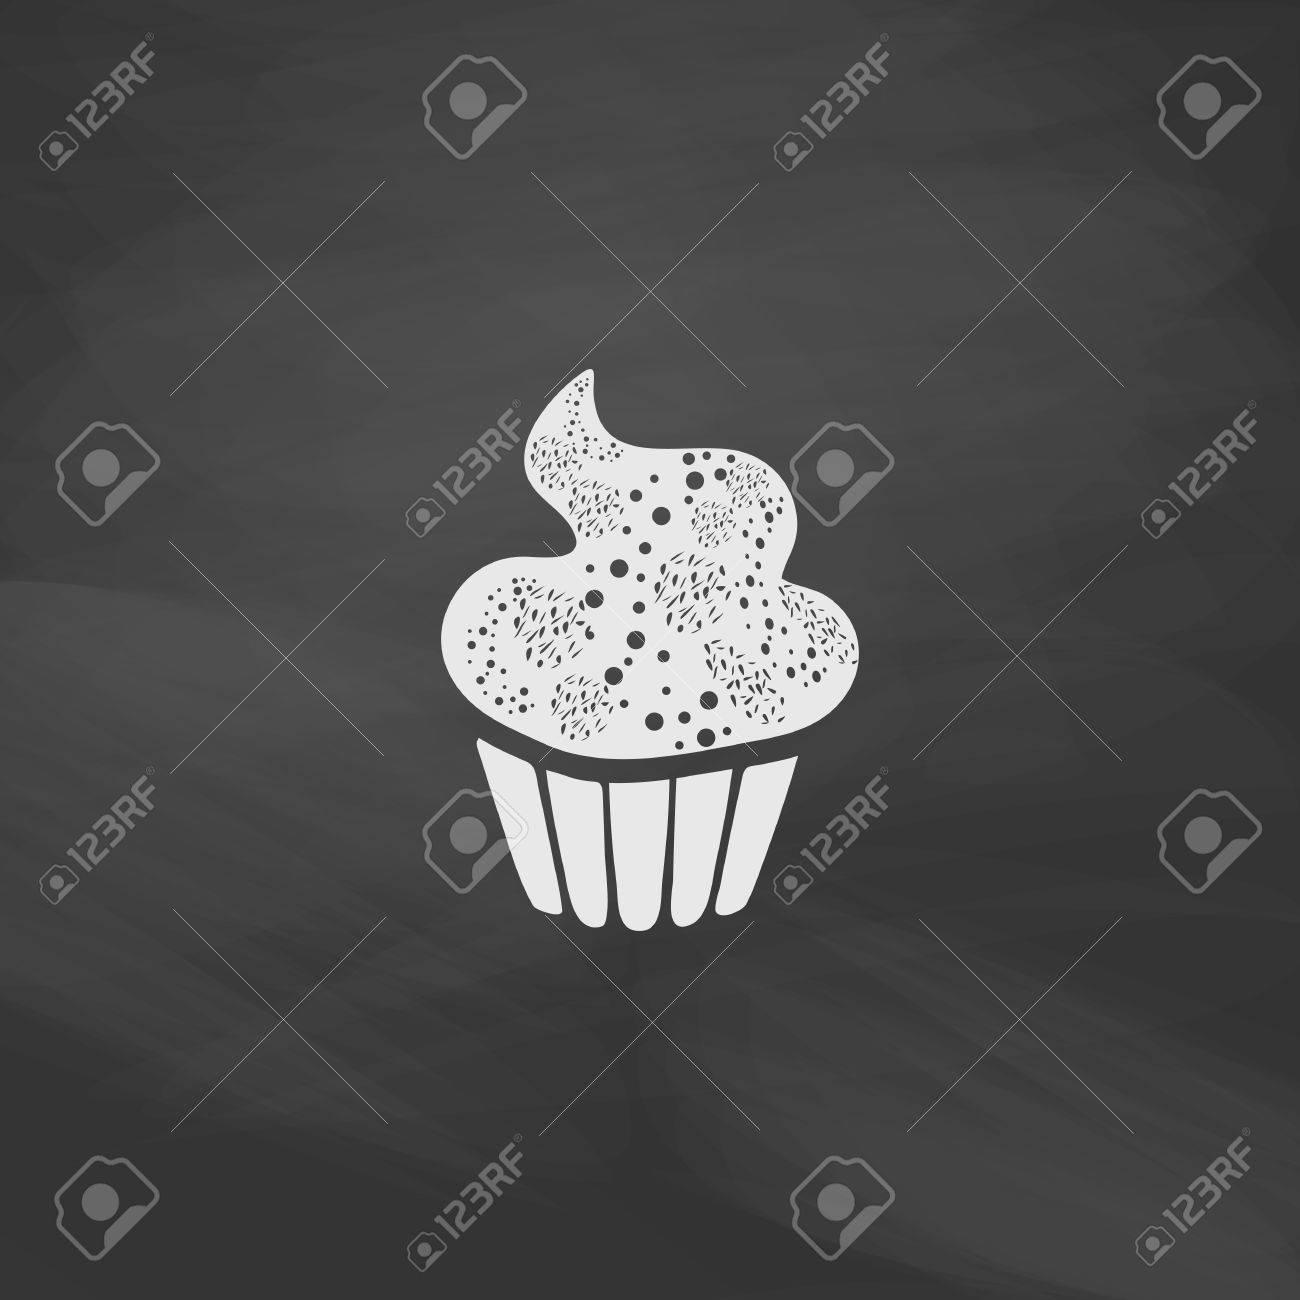 Susser Kleiner Kuchen Einfacher Vektorknopf Imitation Zeichnen